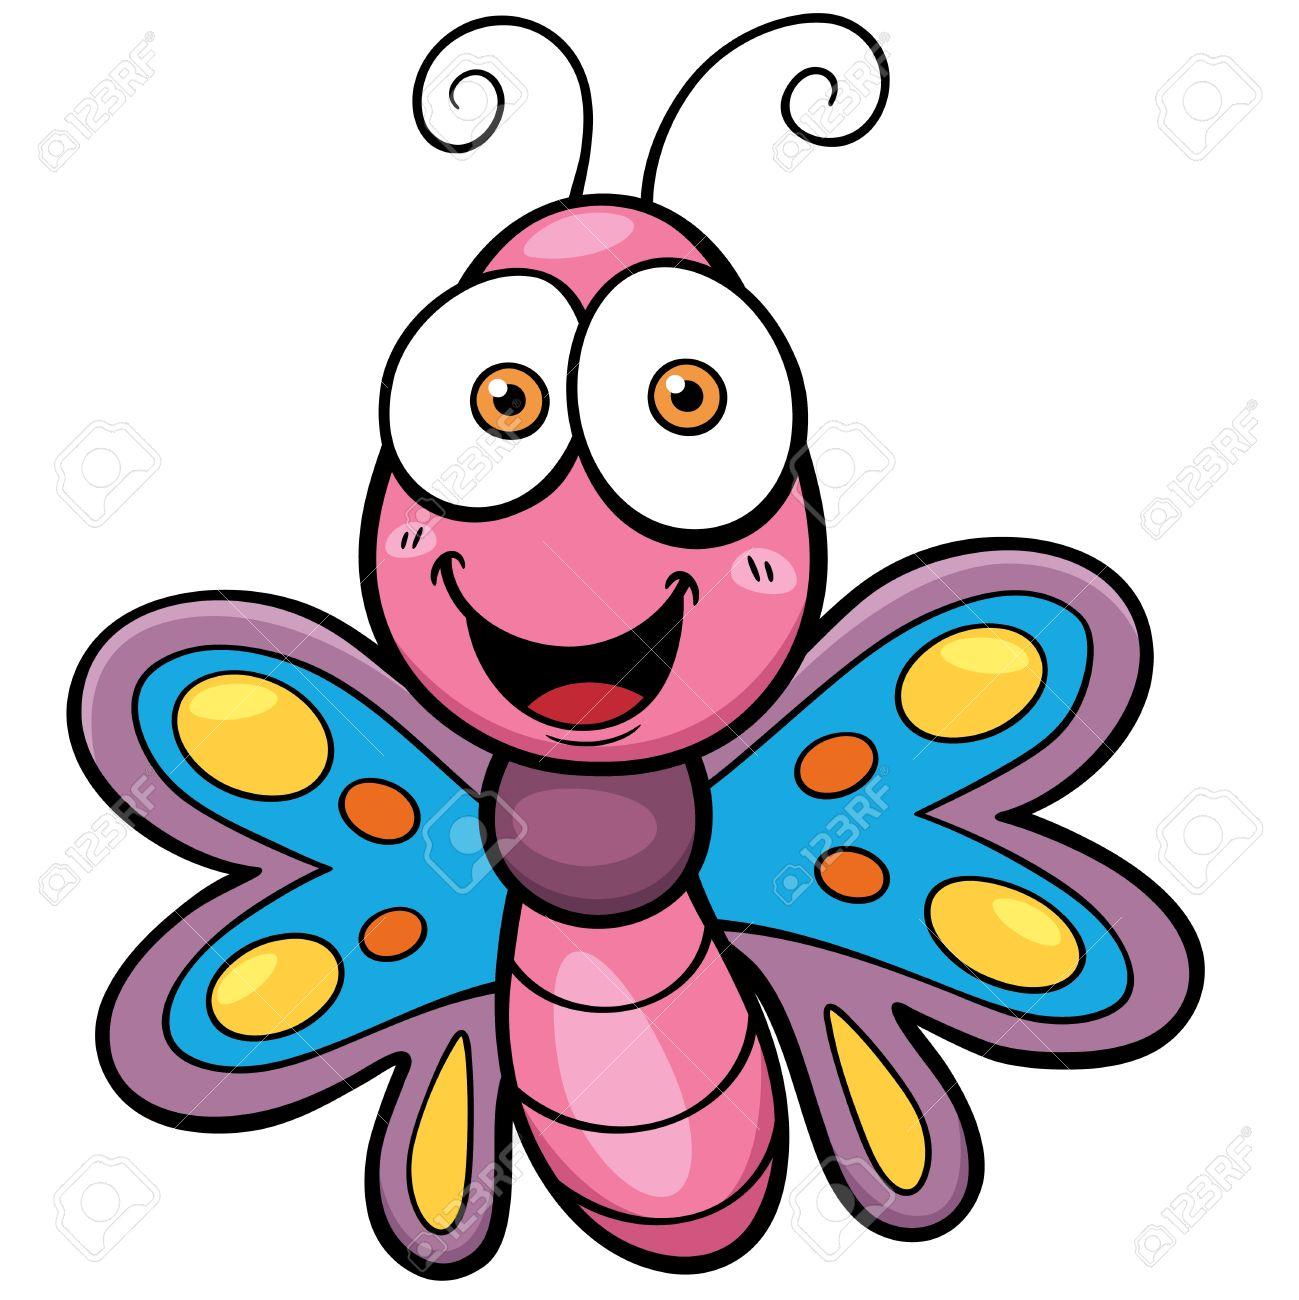 ilustración vectorial de dibujos animados de la mariposa